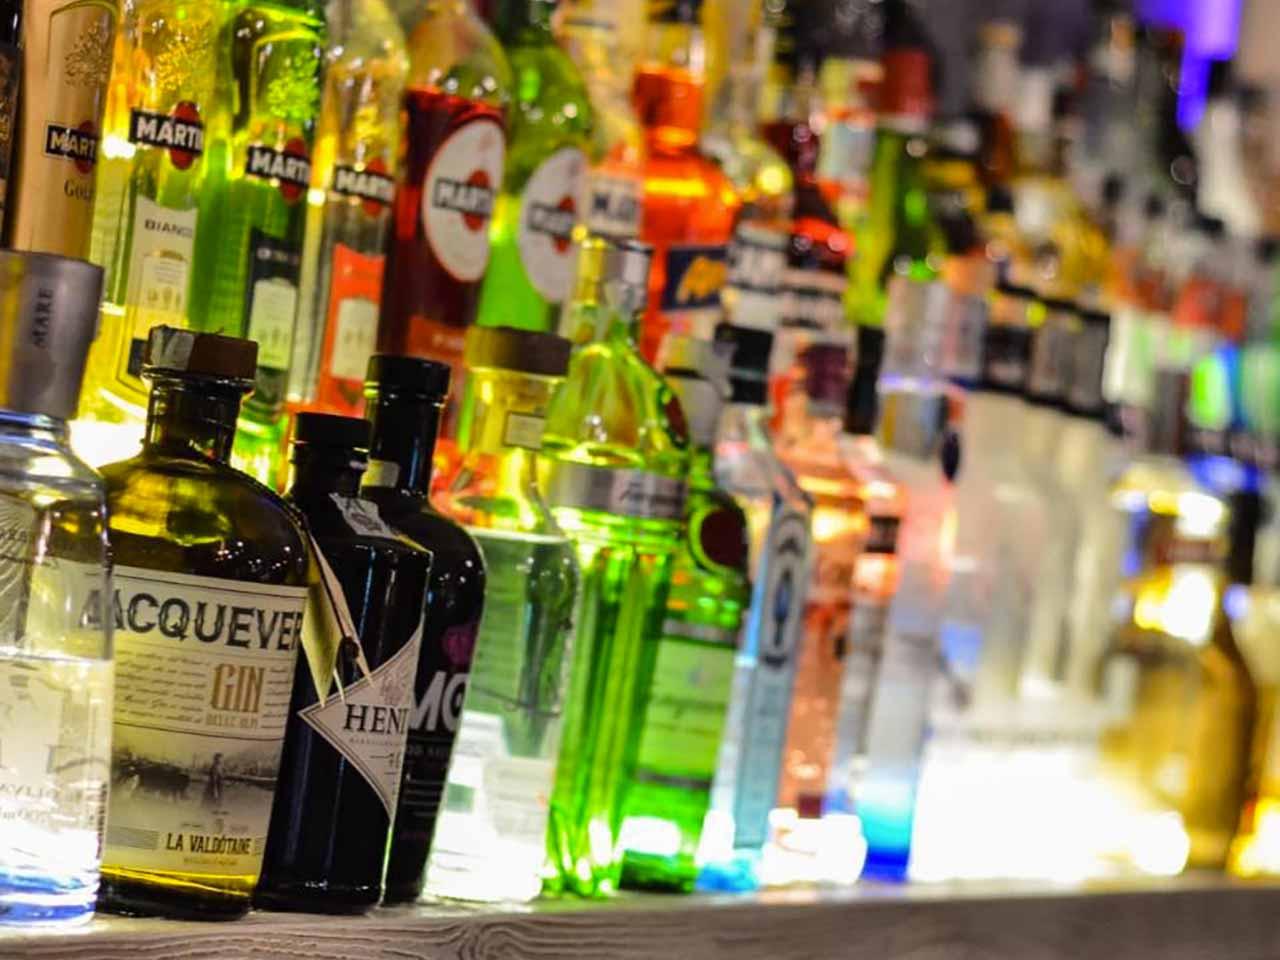 Bar e ristorante a sestriere - bar sestriere RDK